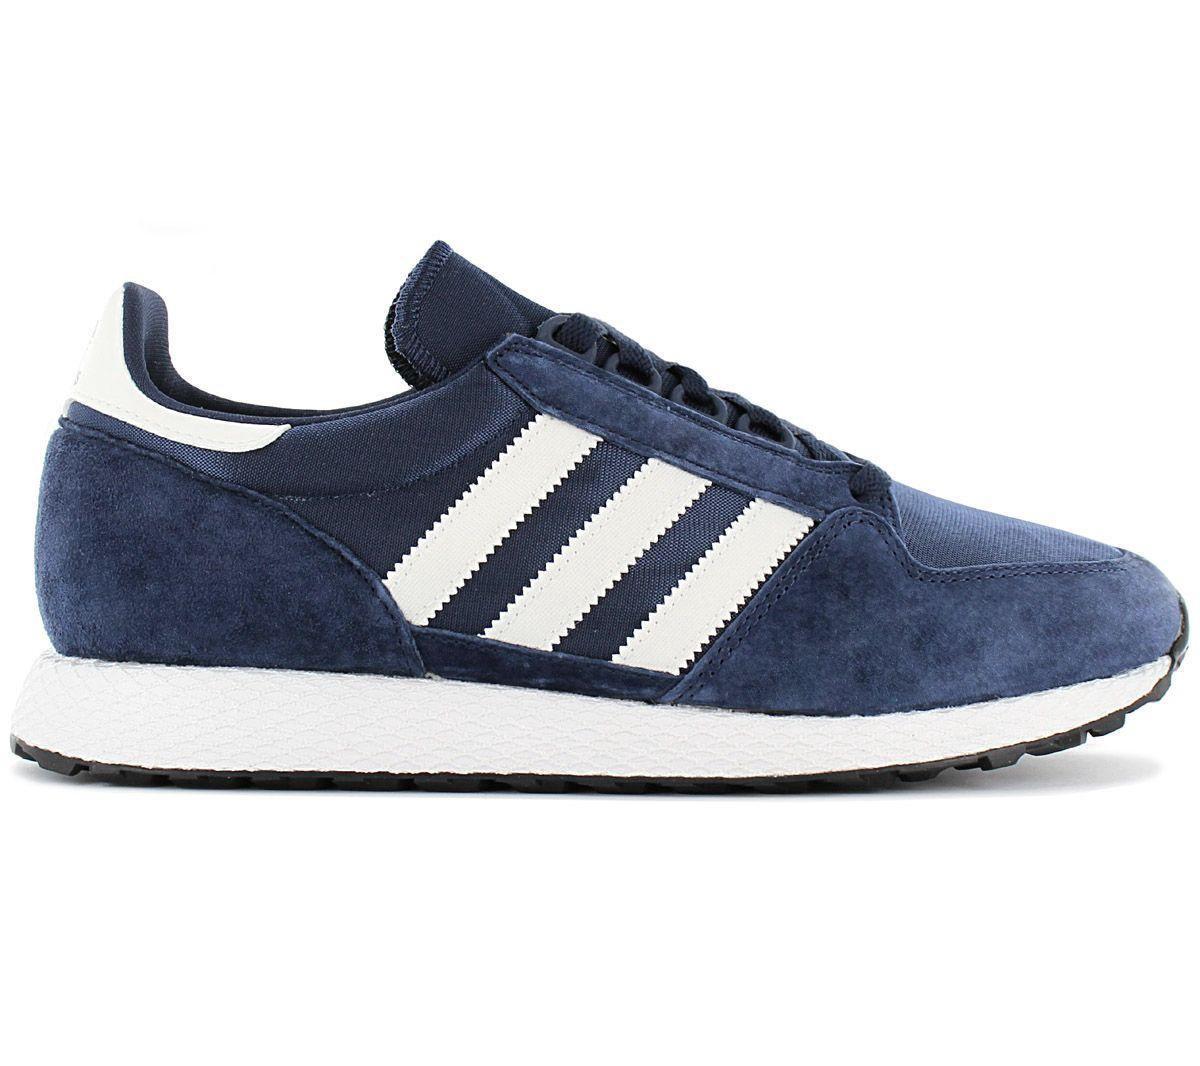 Adidas Mannen Blauw 43 13